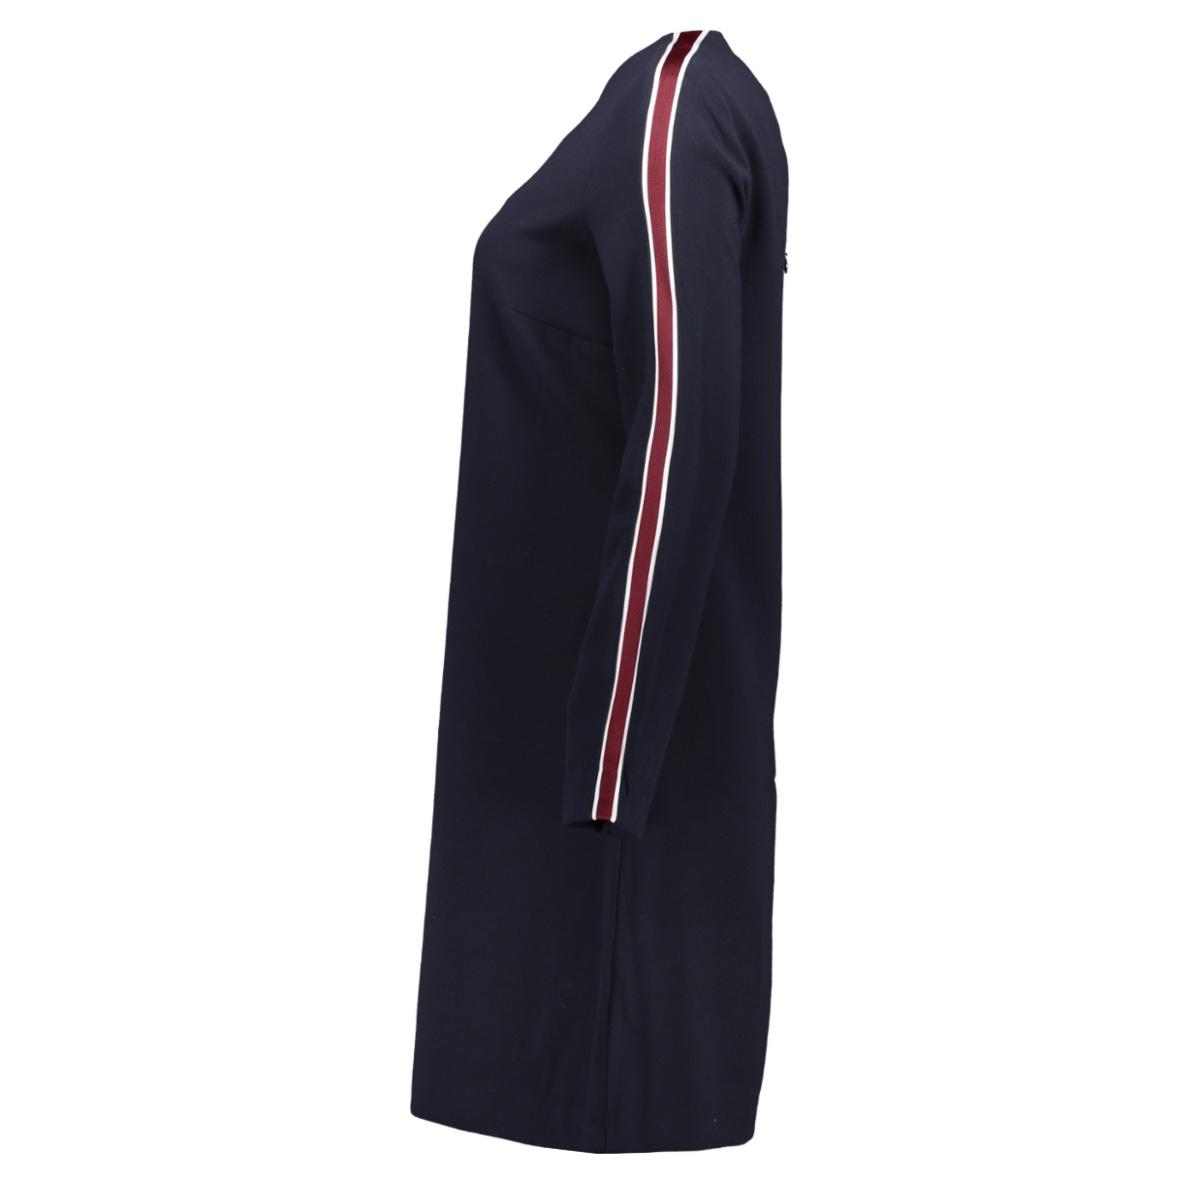 geweven jurk met racestrepen 099ee1e023 esprit jurk e400